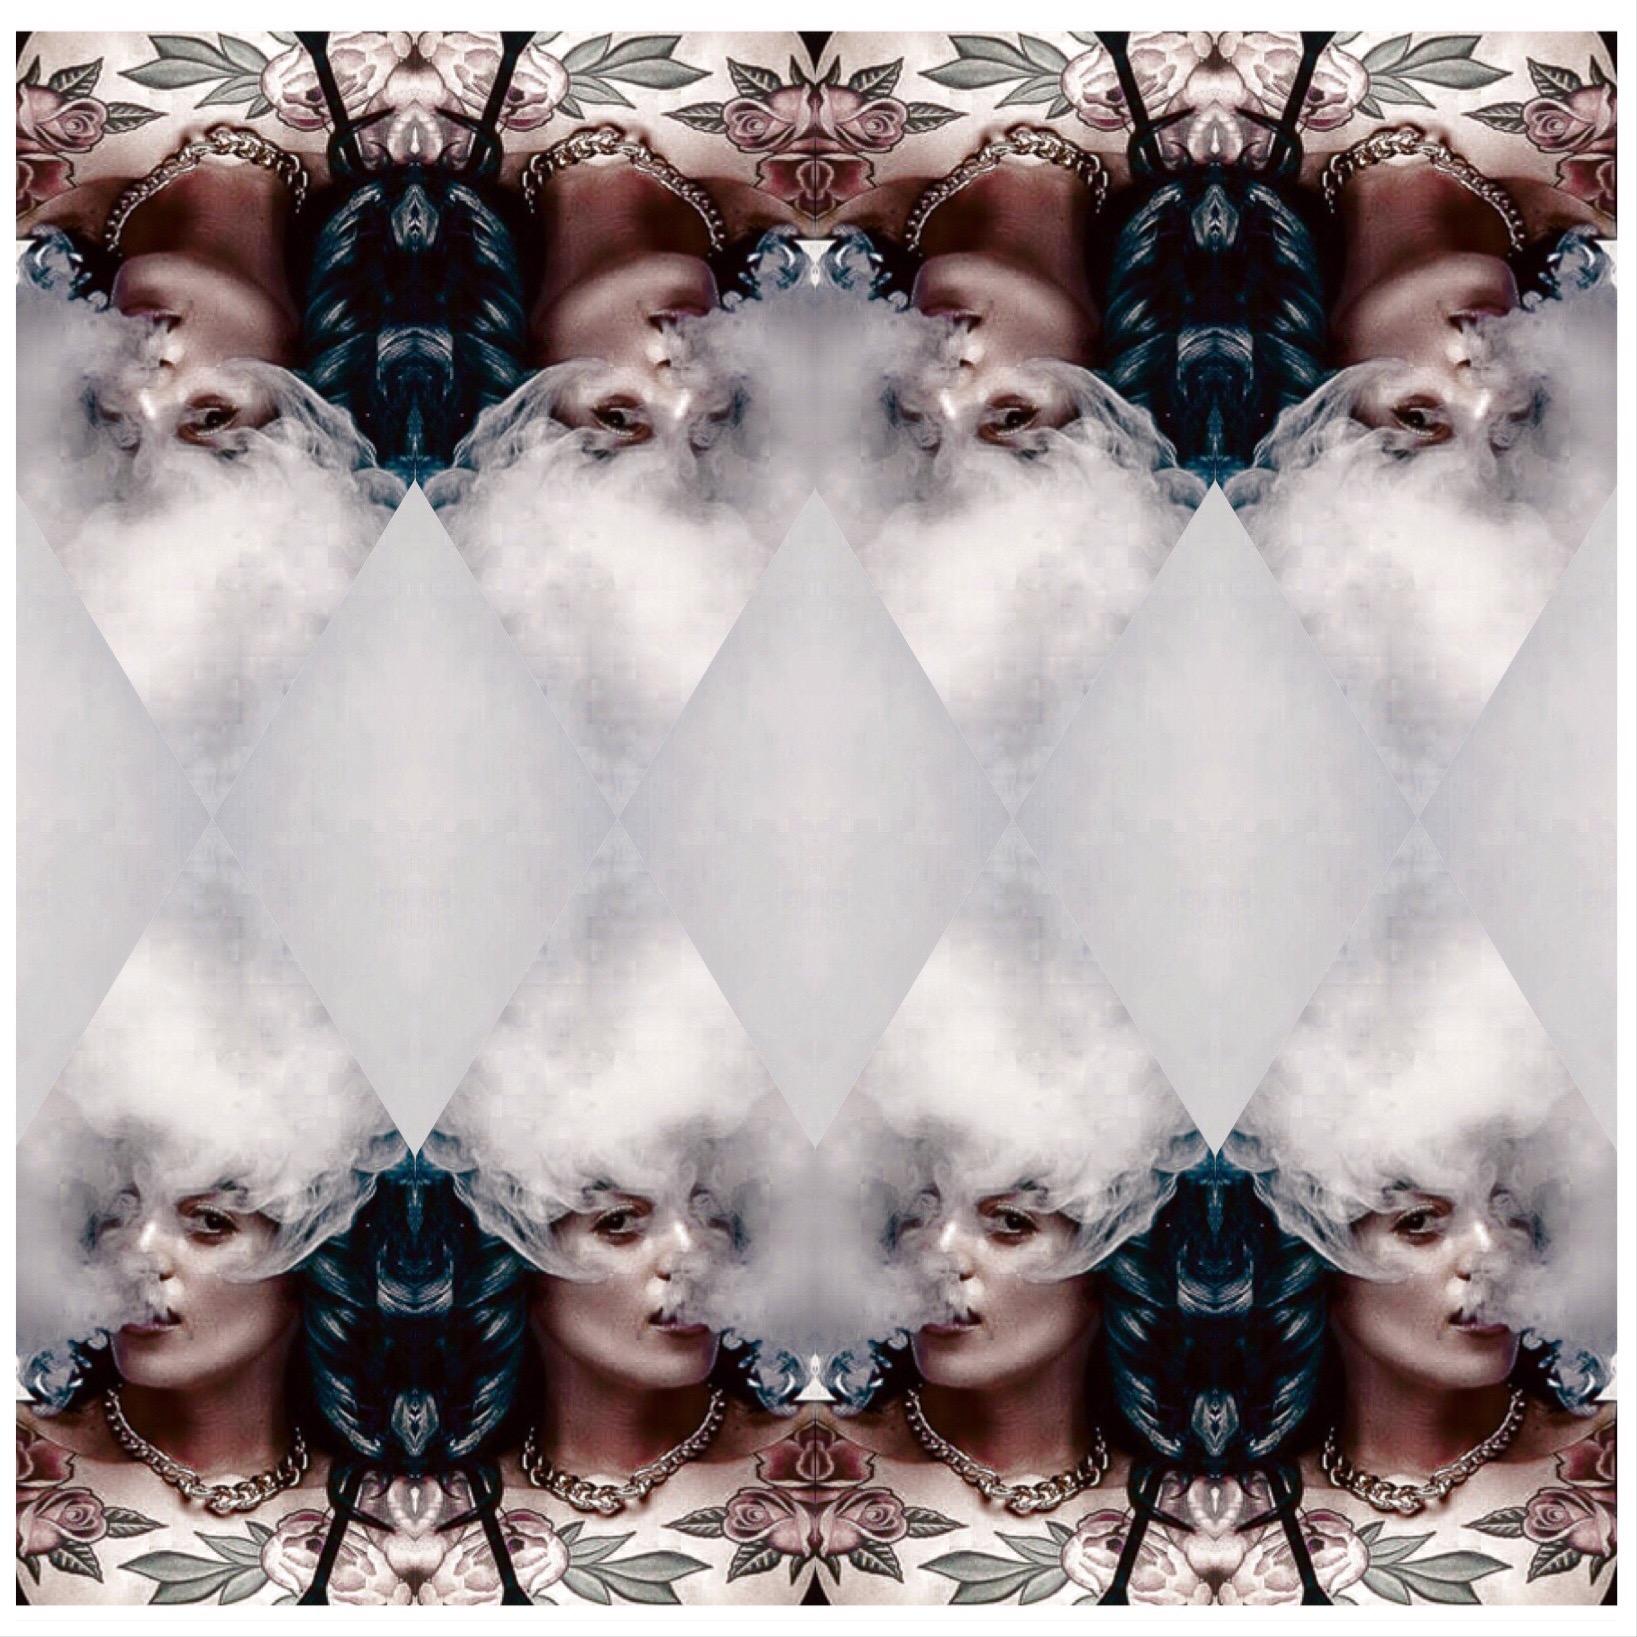 K.G.Smokey.Collage3.jpeg